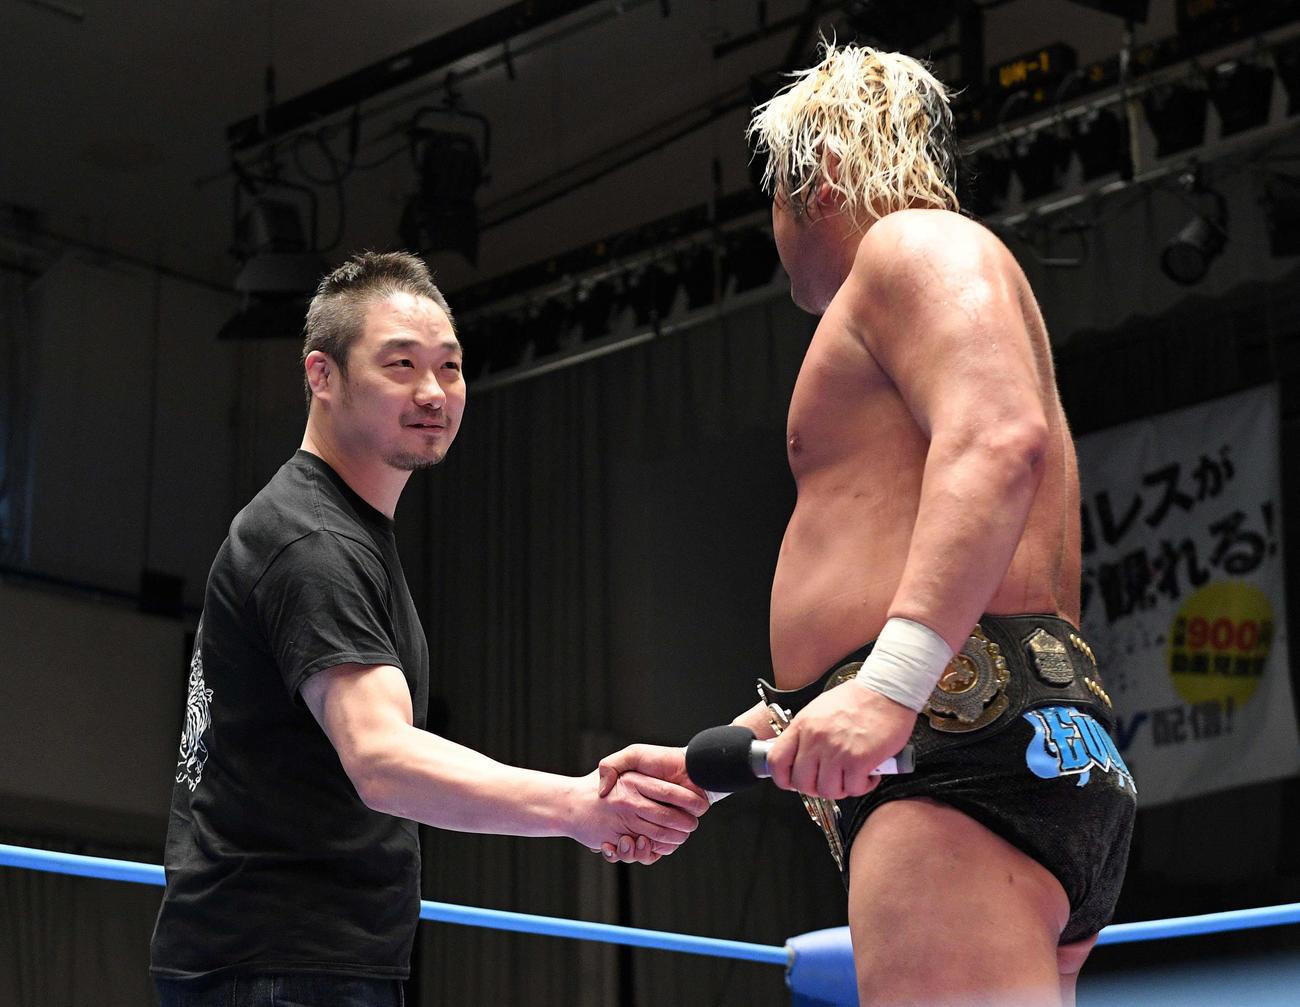 試合後、挑戦者として名乗りを上げた佐藤耕平(奥)は諏訪魔と握手を交わす(撮影・滝沢徹郎)